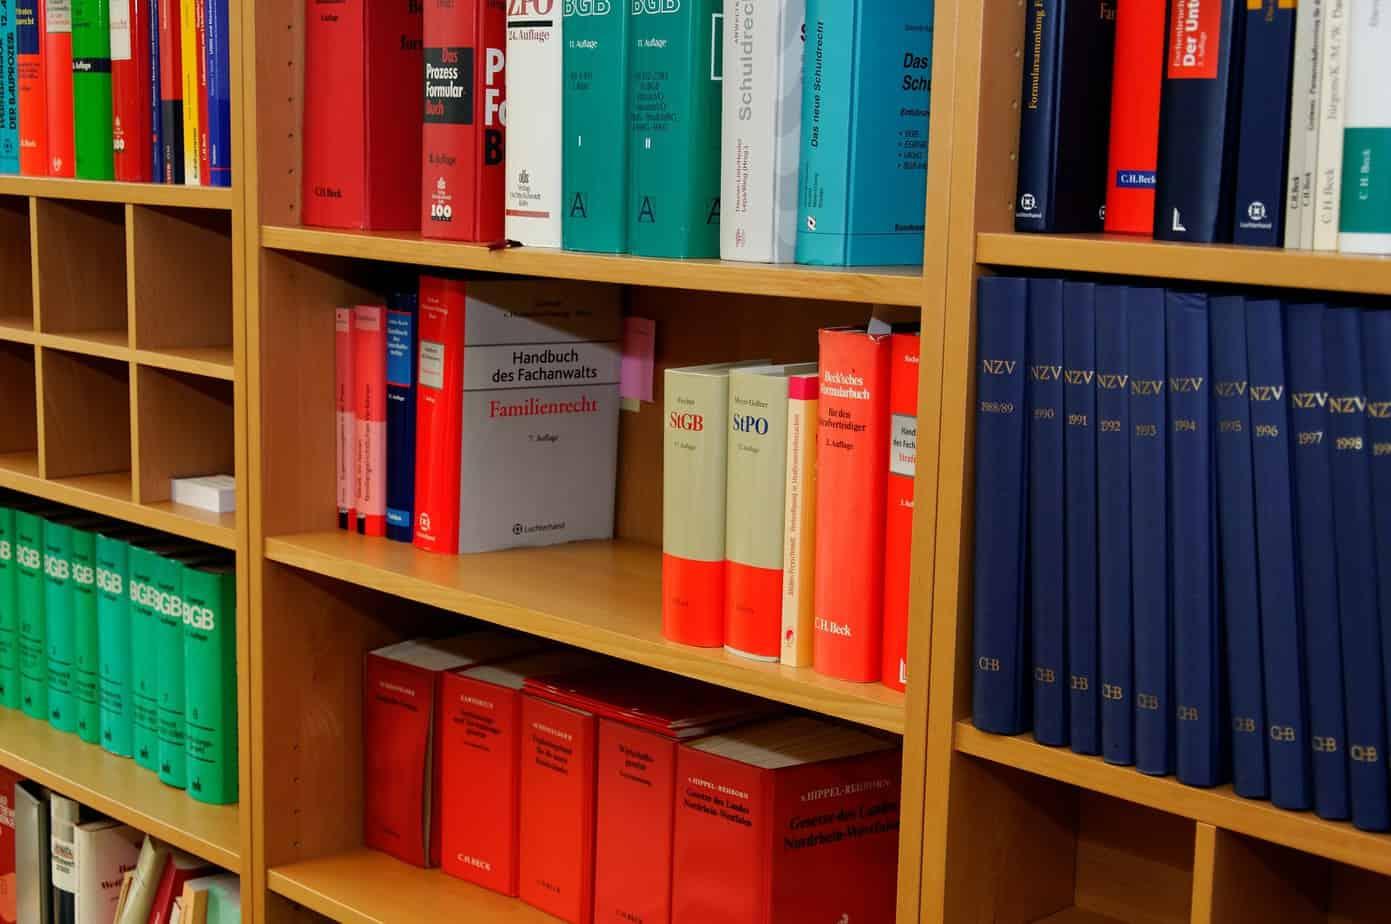 Schrank, Bücher, Gesetze, Recht, Rechtsprechung